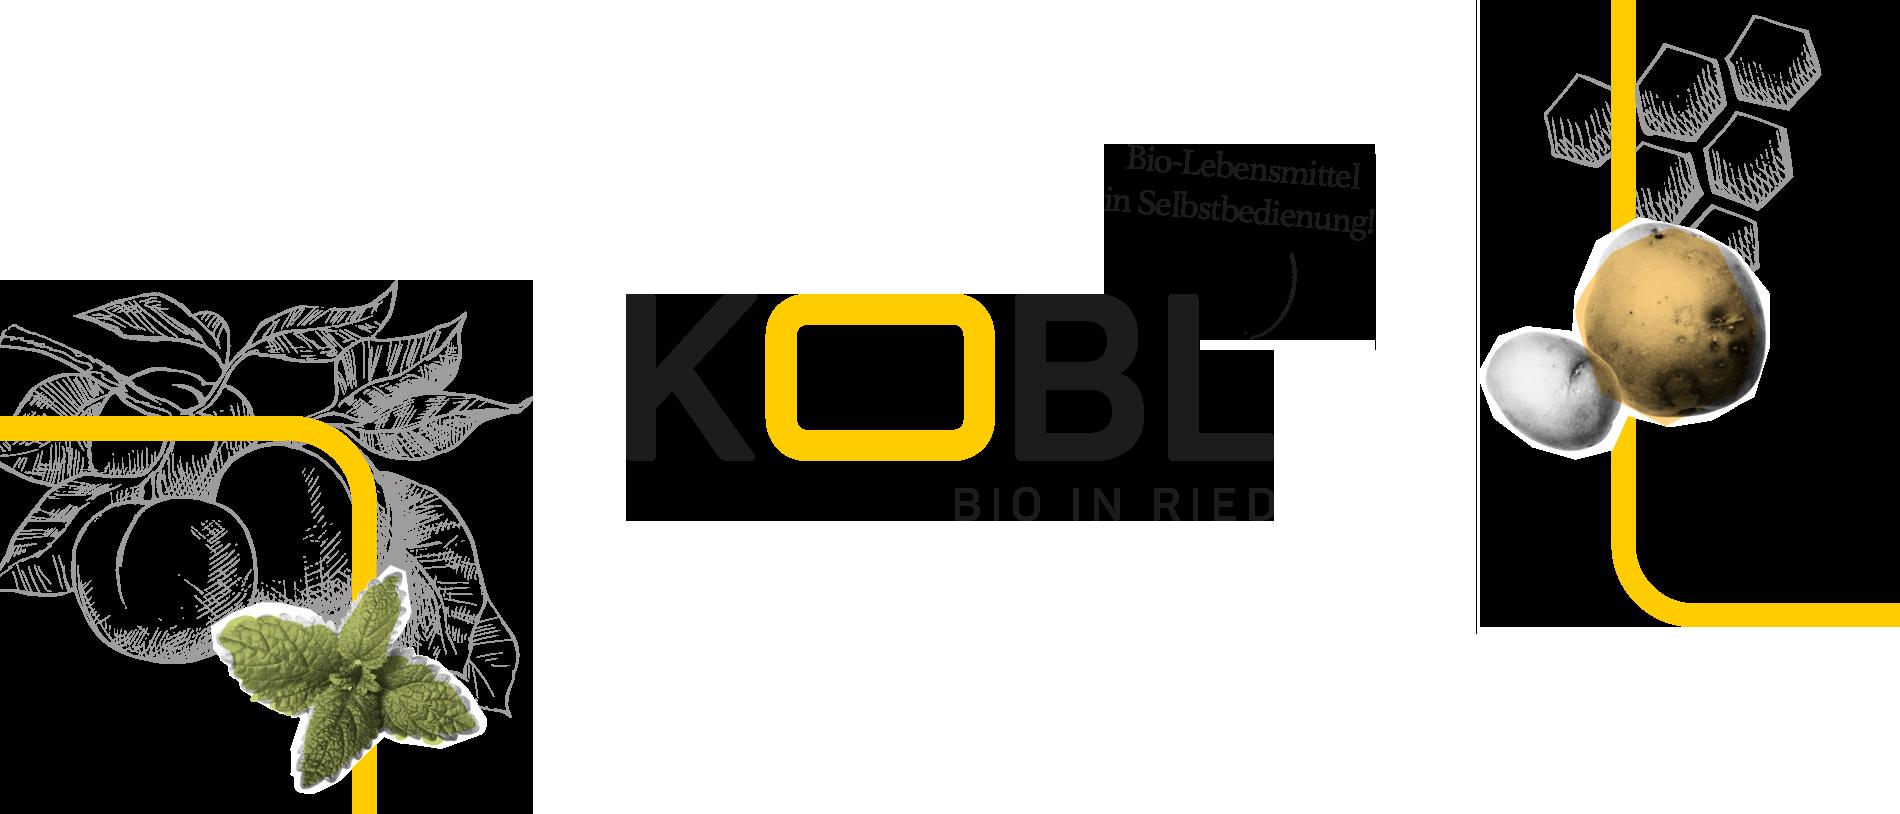 djw-kobl-bild-logo-2